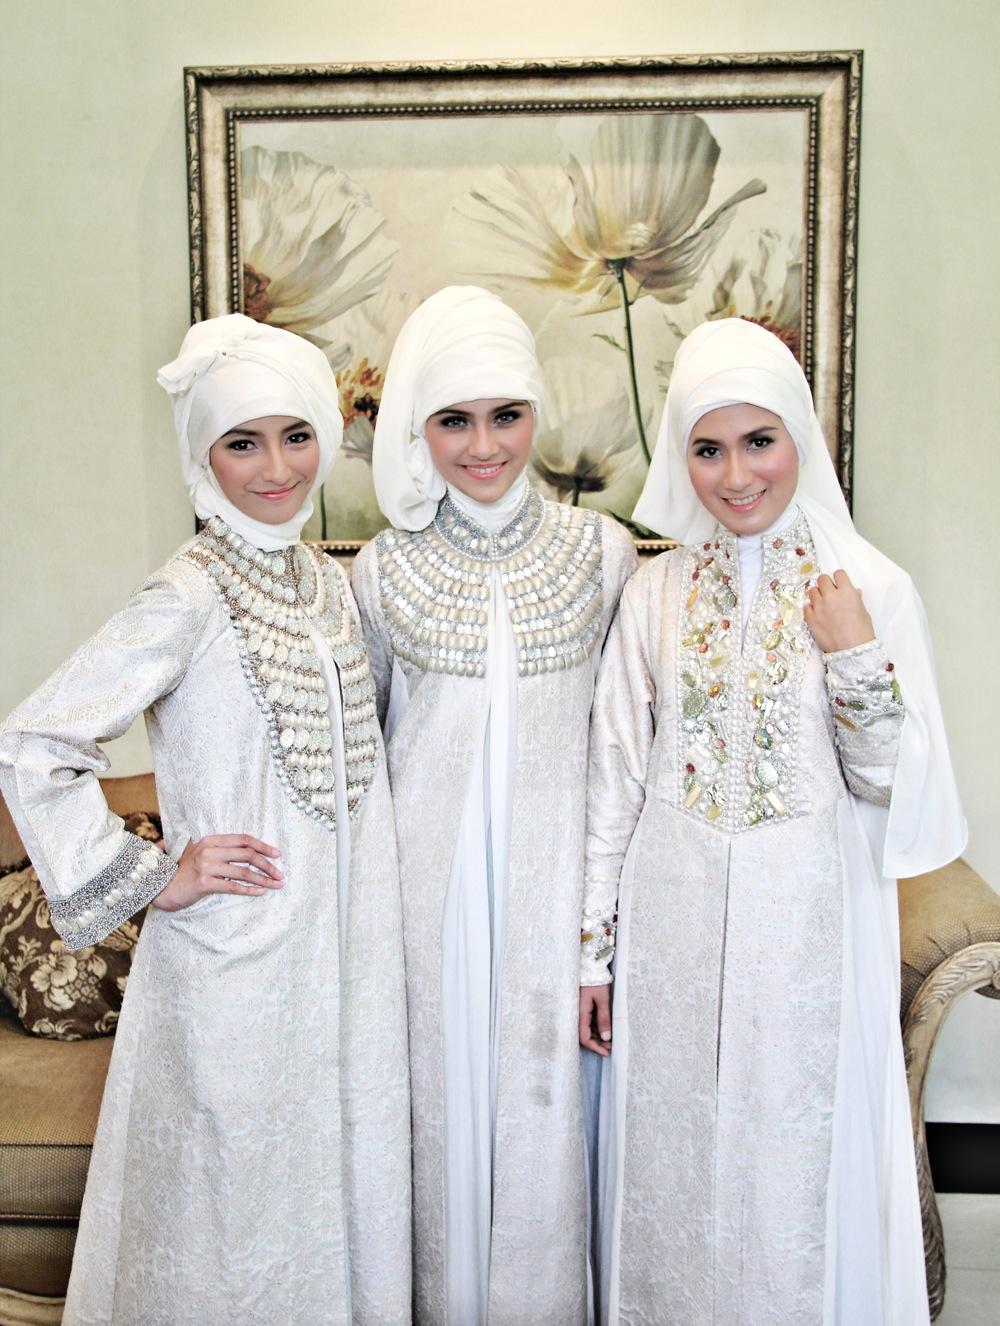 Koleksi Busana Muslim Gaya Timur Tengah Beauty And Style